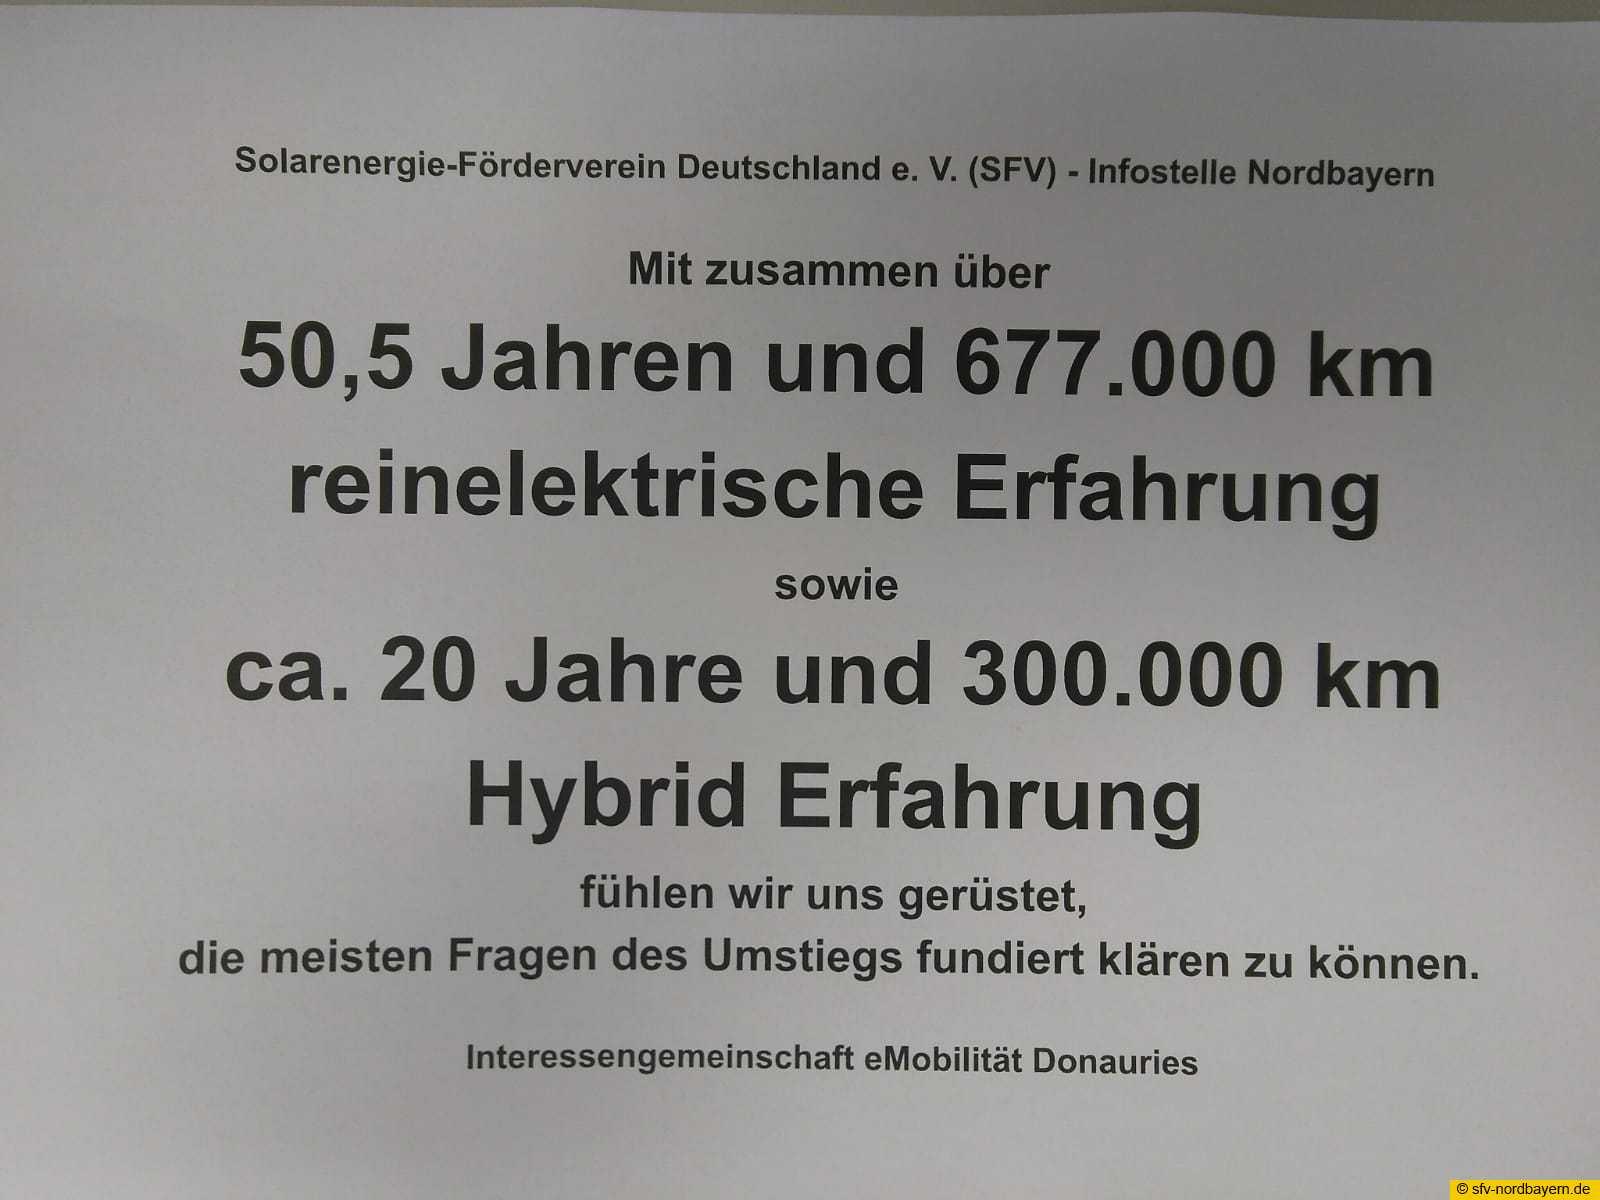 02.-06.10.19_eAusstellung_Nördlingen_26